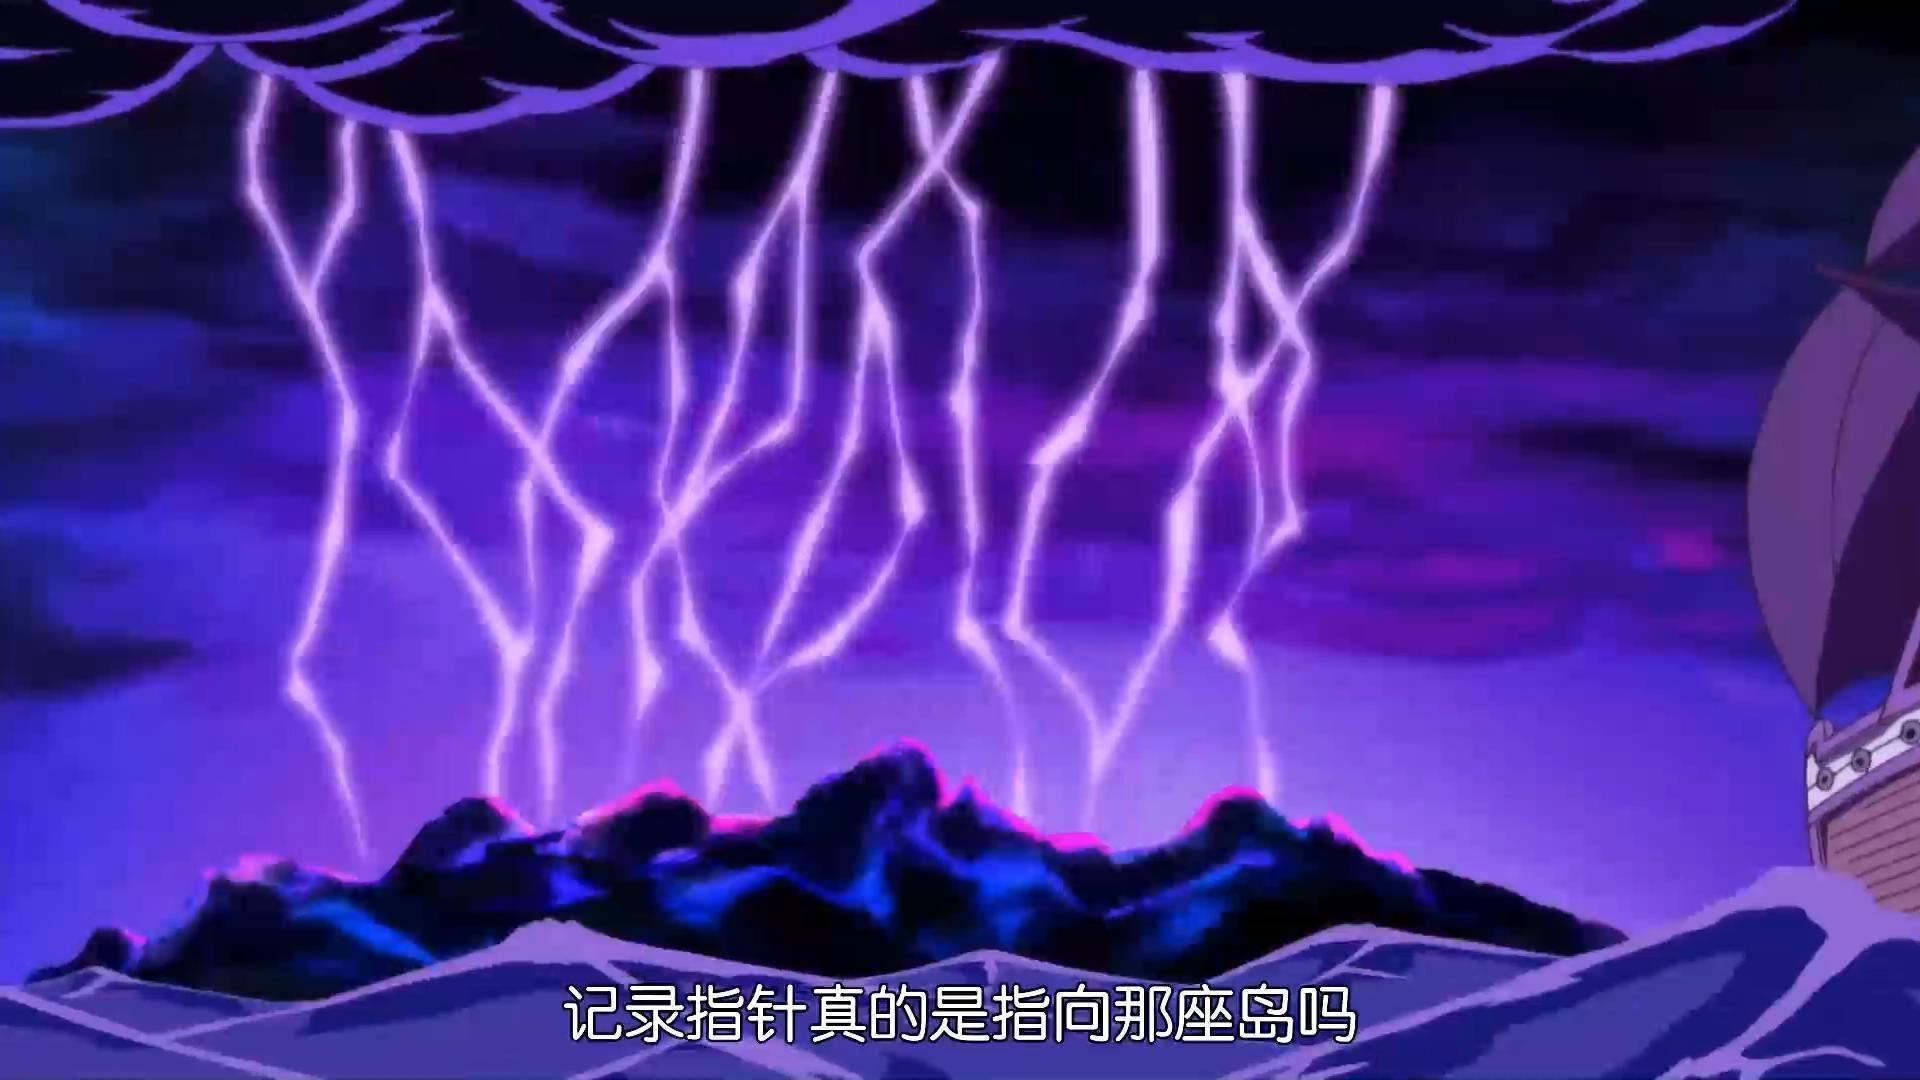 海贼王:路飞这三个岛屿没有去 雷电岛成最大遗憾